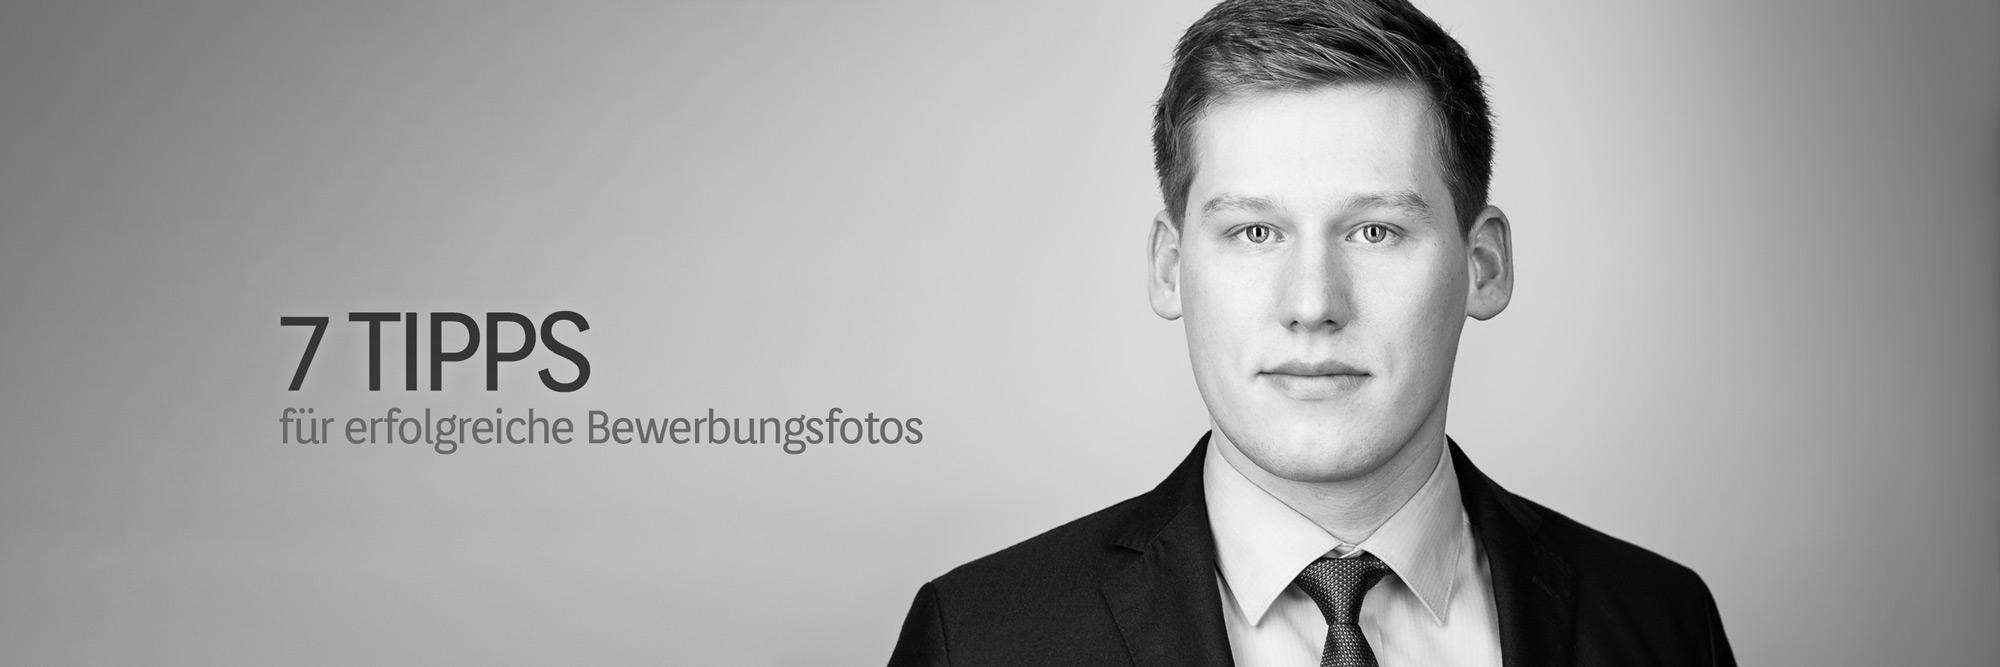 7 Tipps Für Erfolgreiche Bewerbungsfotos Max Niemann Fotografie